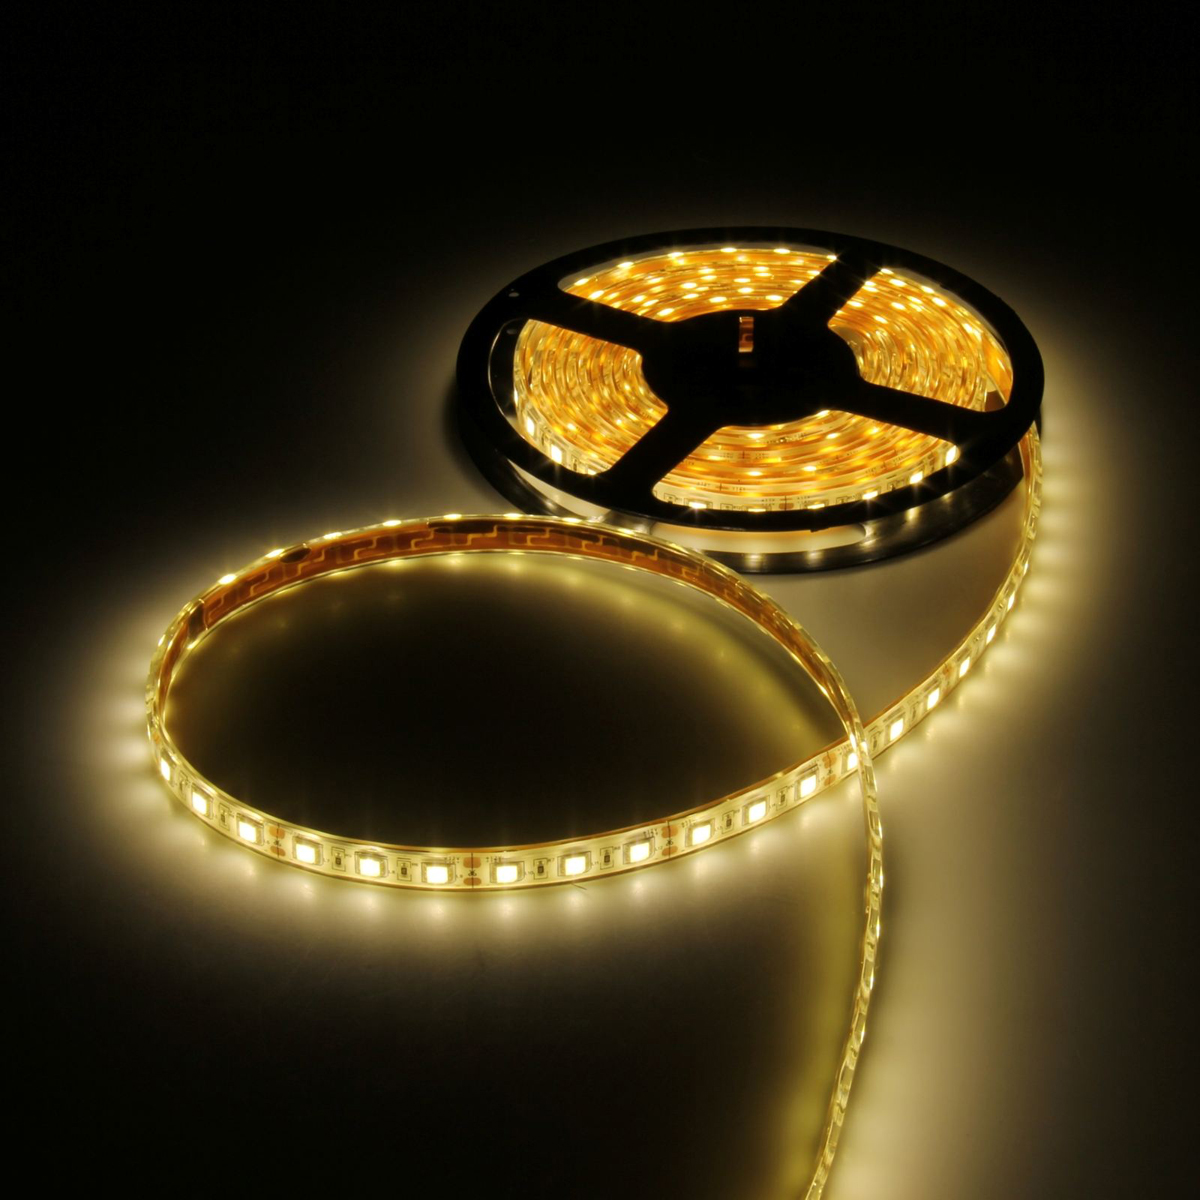 Светодиодная лента Luazon, 12В, SMD5050, длина 5 м, IP68, 60 LED ламп, 14.4Вт/м, 14-16 Лм/1 LED, DC, цвет: теплый белый883960Светодиодные гирлянды, ленты и т.д — это отличный вариант для новогоднего оформления интерьера или фасада. С их помощью помещение любого размера можно превратить в праздничный зал, а внешние элементы зданий, украшенные ими, мгновенно станут напоминать очертания сказочного дворца. Такие украшения создают ауру предвкушения чуда. Деревья, фасады, витрины, окна и арки будто специально созданы, чтобы вы украсили их светящимися нитями.